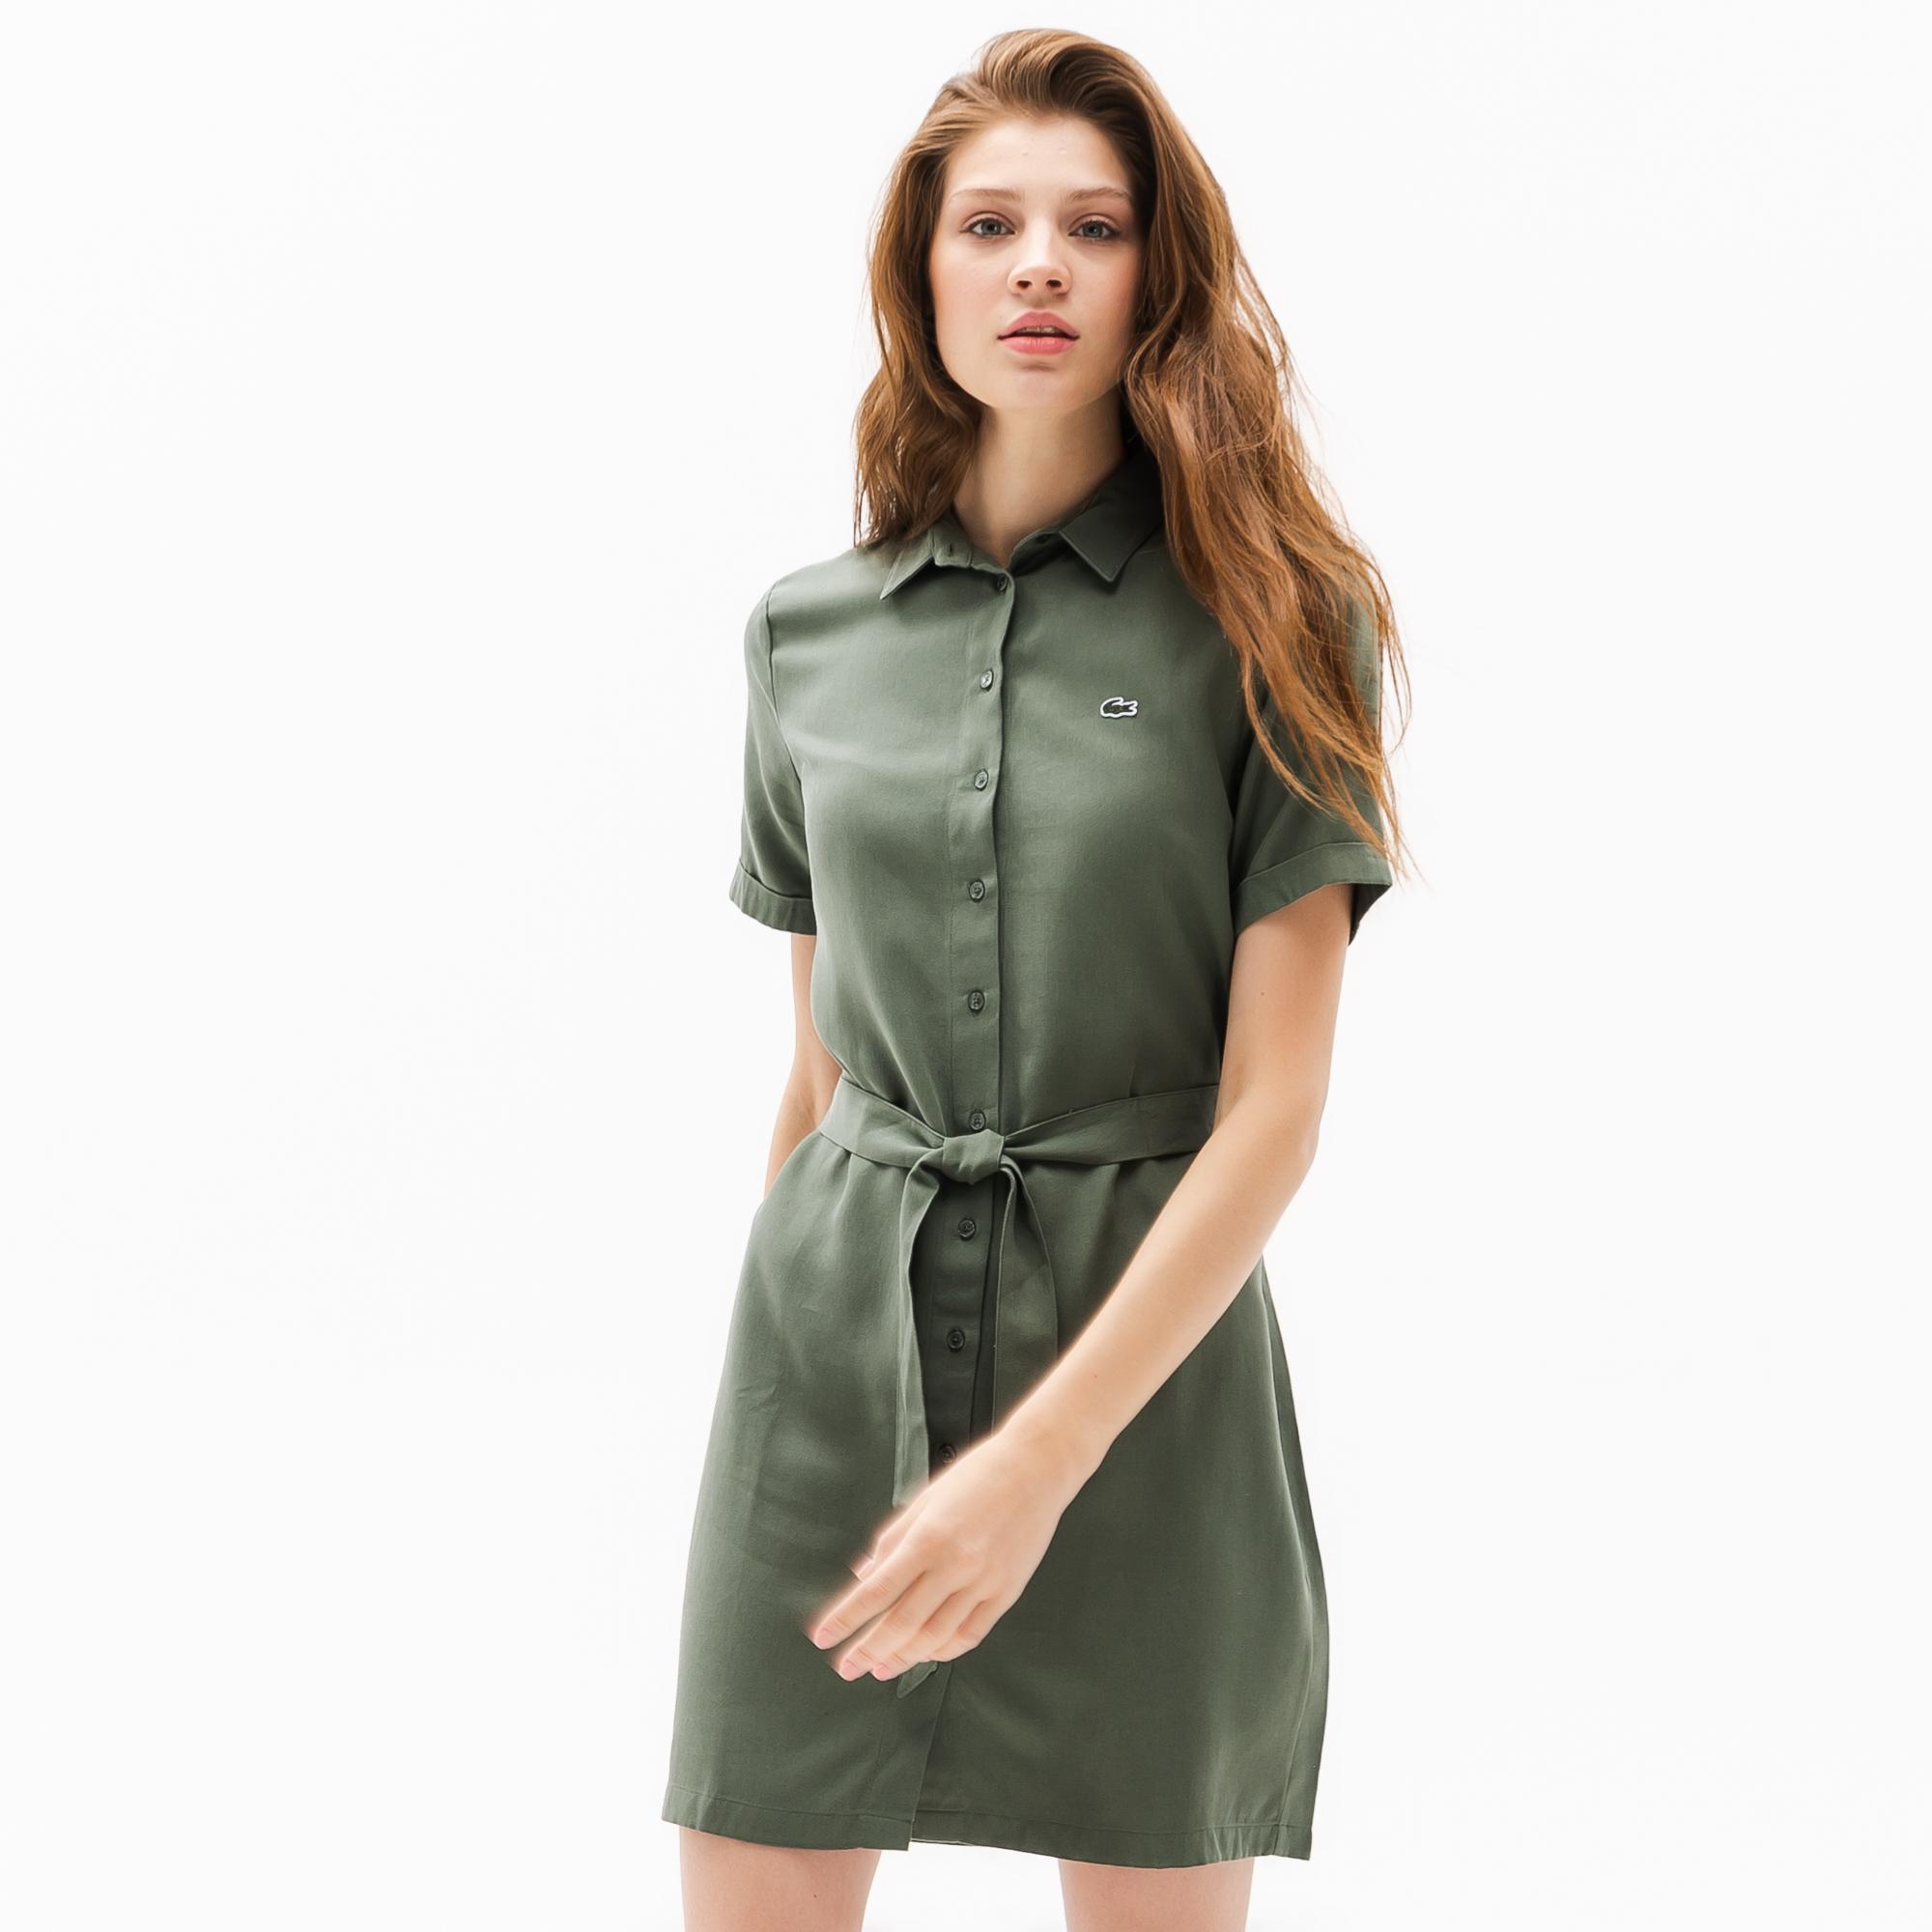 Платье LacosteПлатья и юбки<br>Детали: платье-рубашка;\Отложной воротник;\Элегантный ремень;\Вышитый логотип Lacoste в тон изделия\Материал:100% лиоцелл